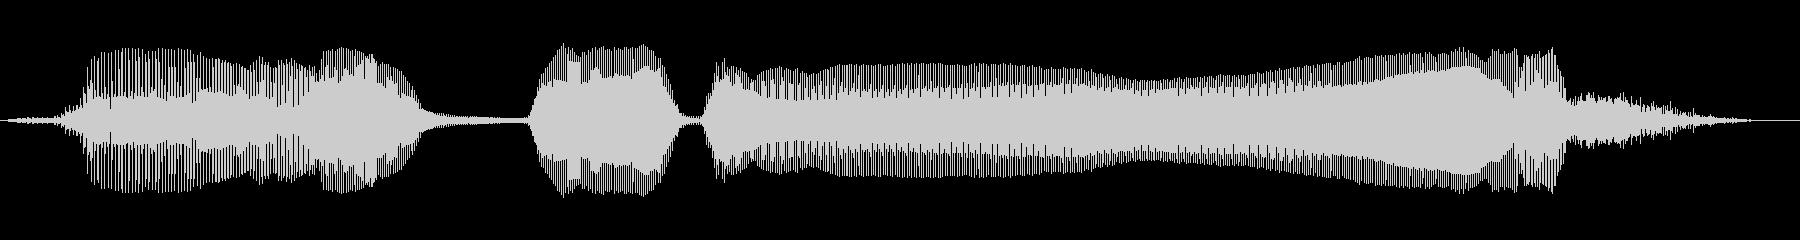 がんばれーの未再生の波形